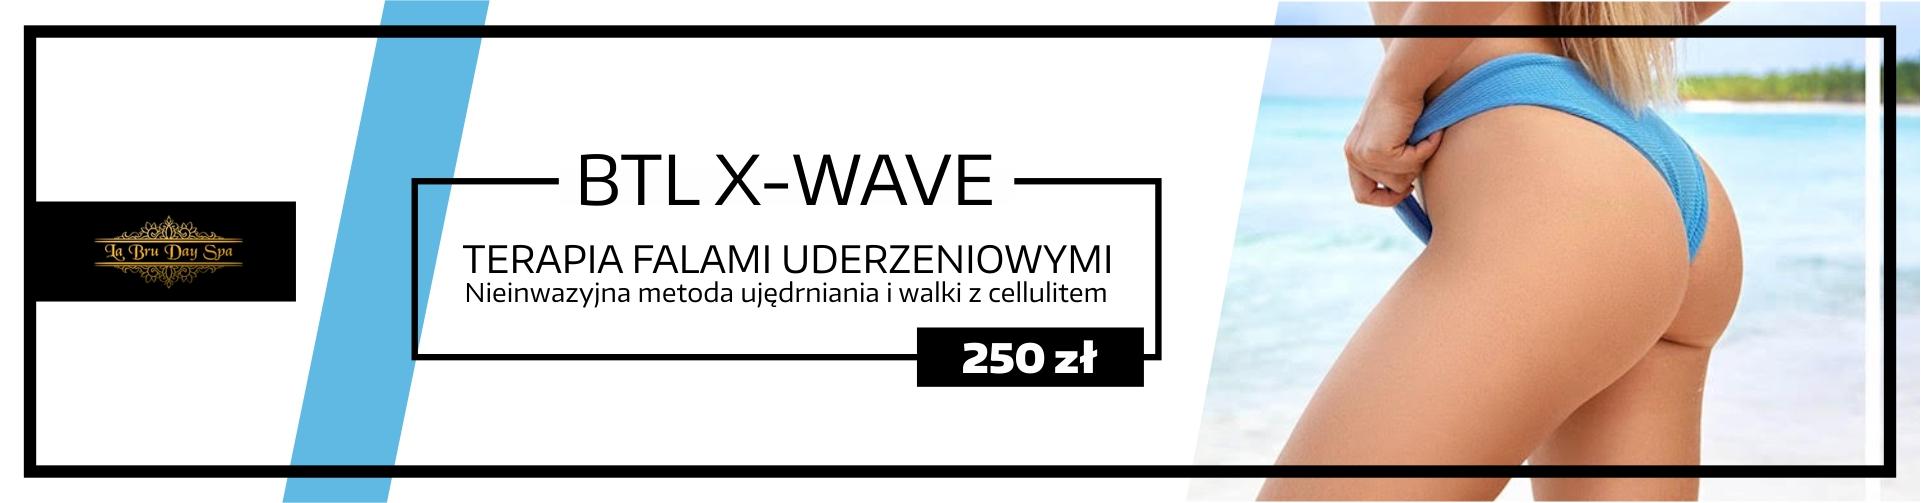 xwave-1